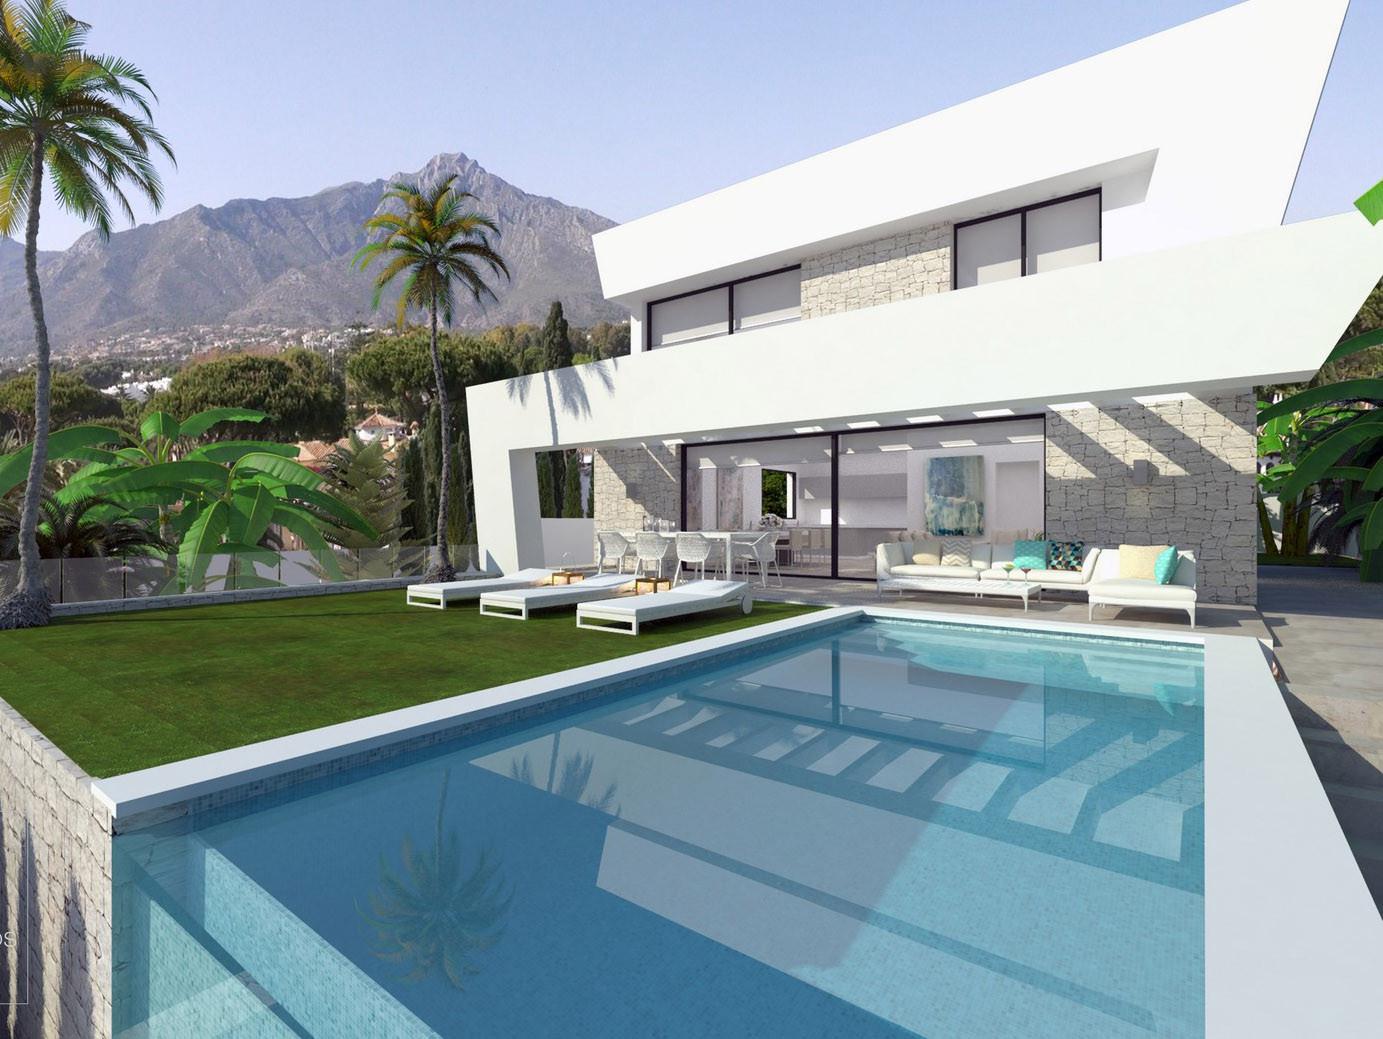 ARFV1885 - Projekt für 4 neue Villa zum Verkauf in La Cala de Mijas